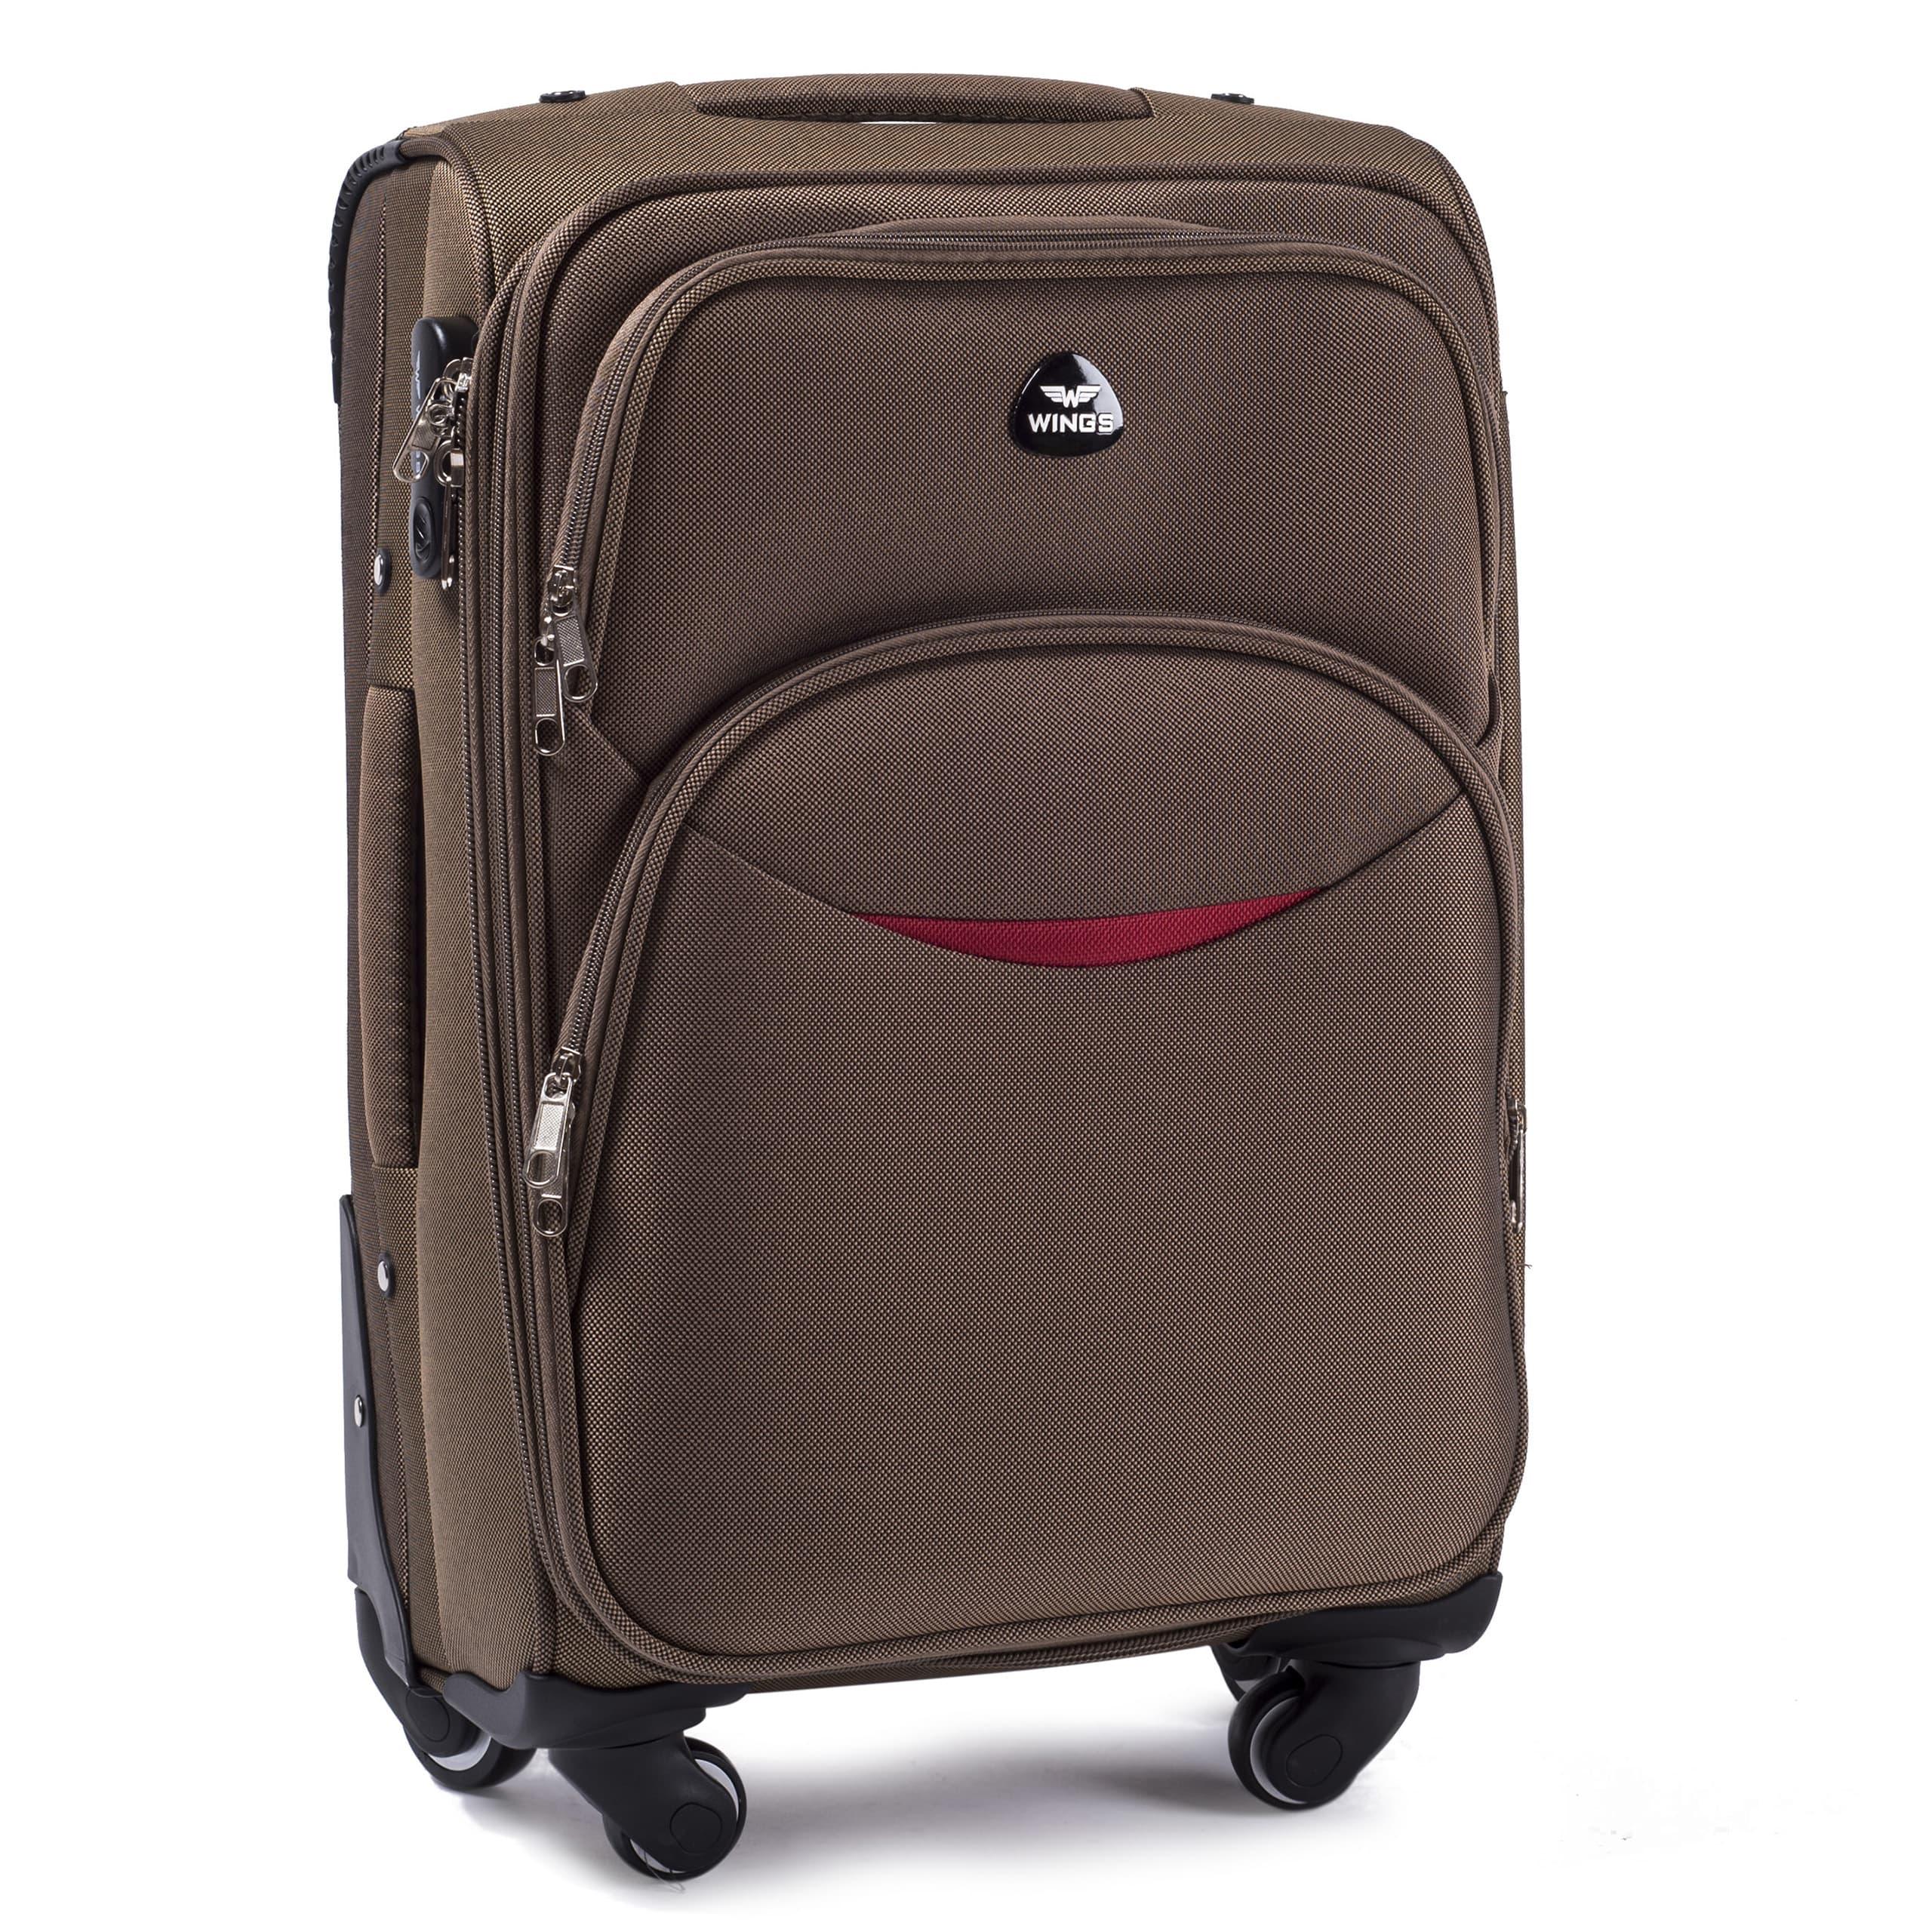 Малый Тканевый Чемодан Wings 1706-4 S D.YELLOWPREMIUM на 4-х прочных колесах!  Для багажа,до 10 кг